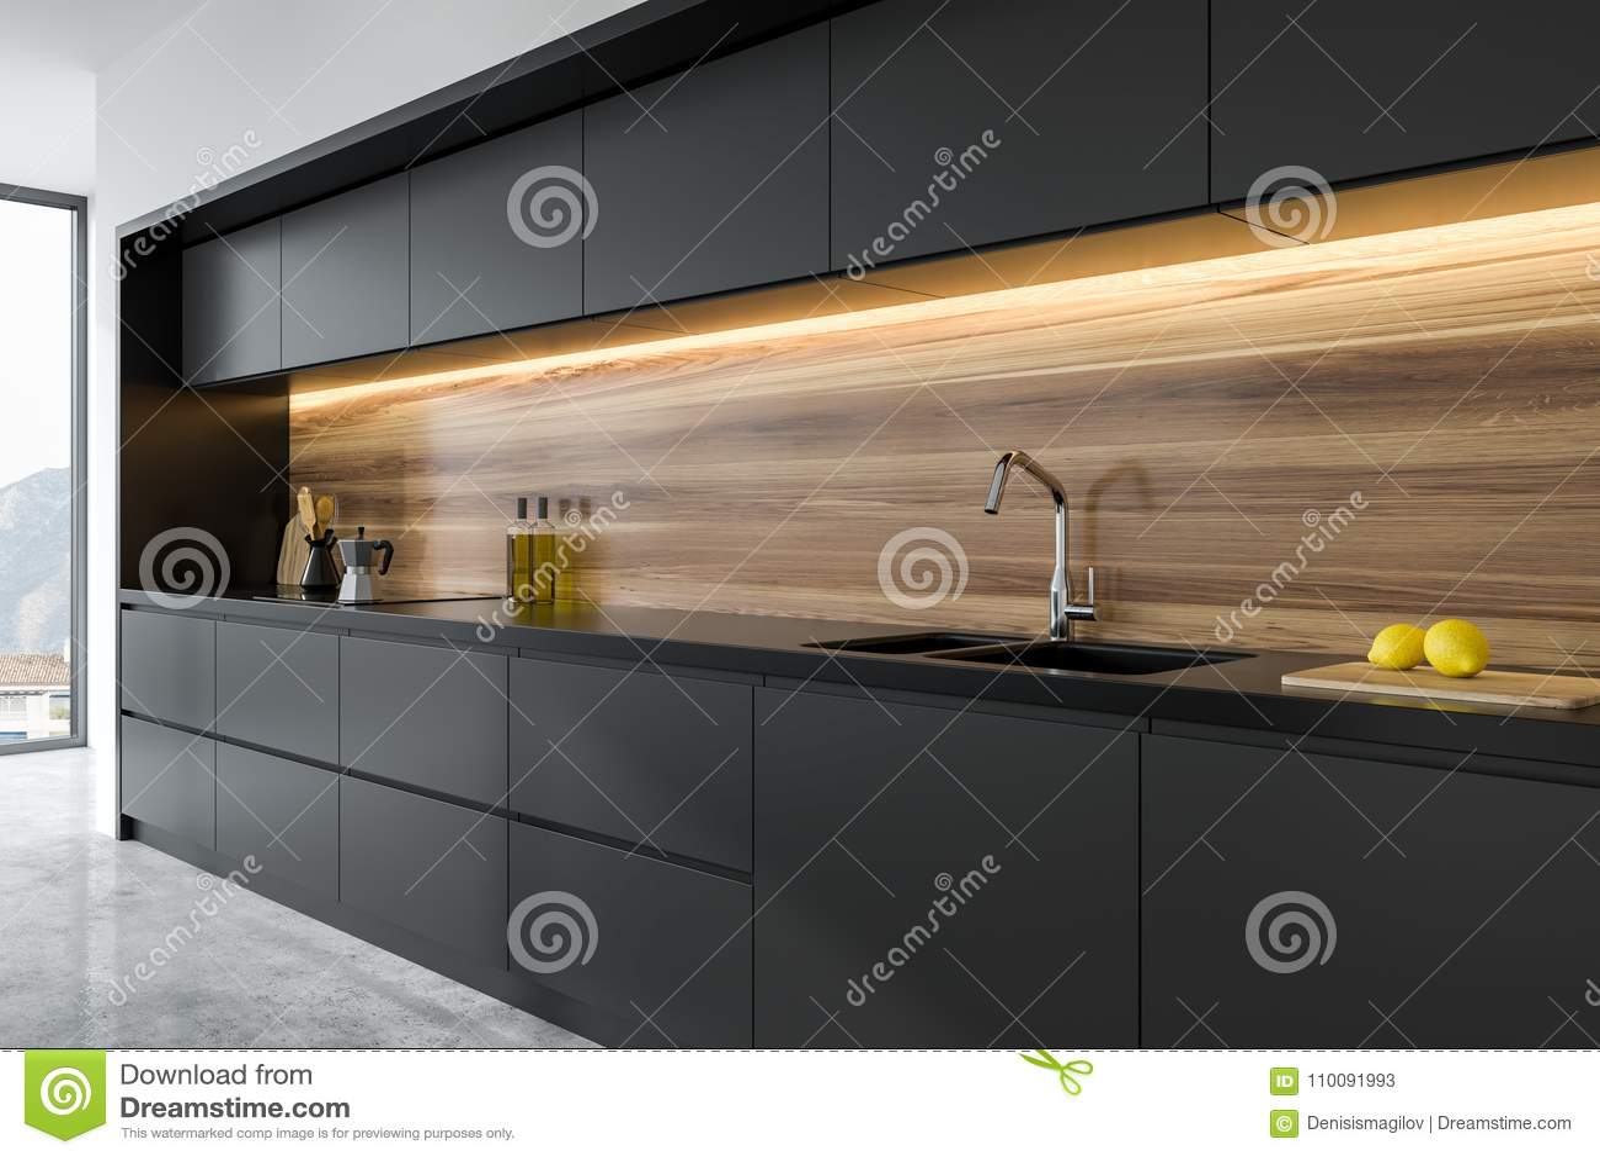 Cucina Legno Bianco E Nero Legno O Effetto Legno In Cucina Si Usa